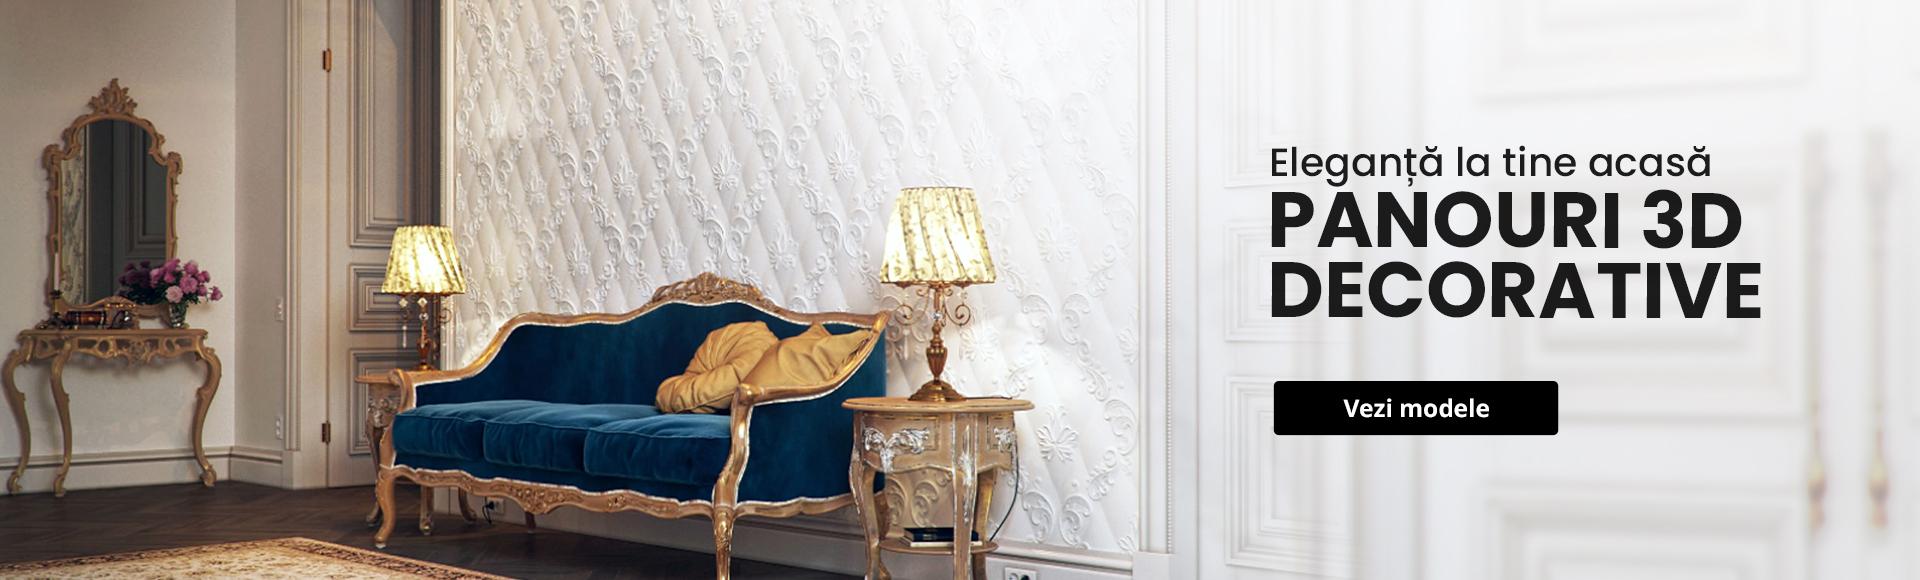 Panouri 3d decorative